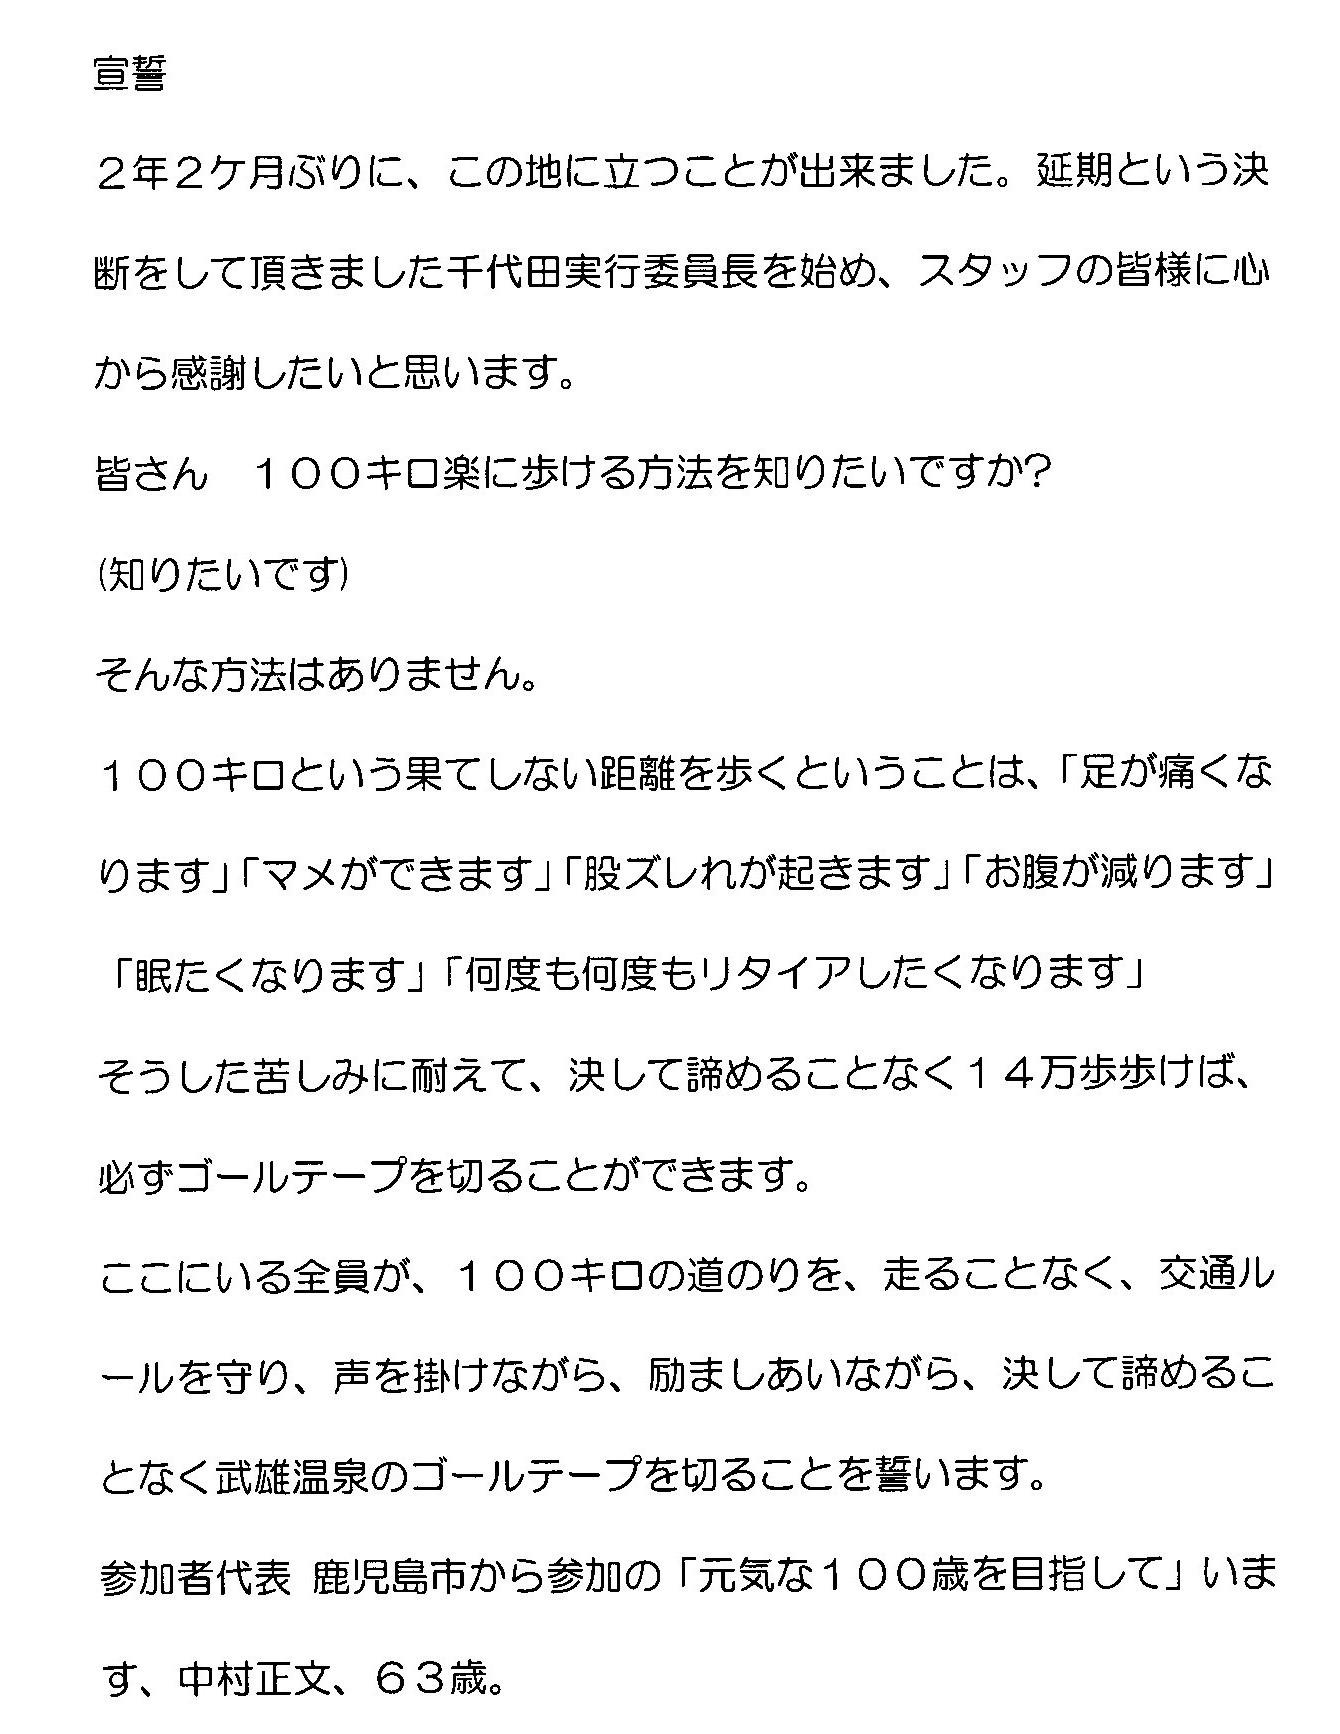 第4回飯塚武雄100キロウォークの完歩報告_e0294183_16400474.jpg